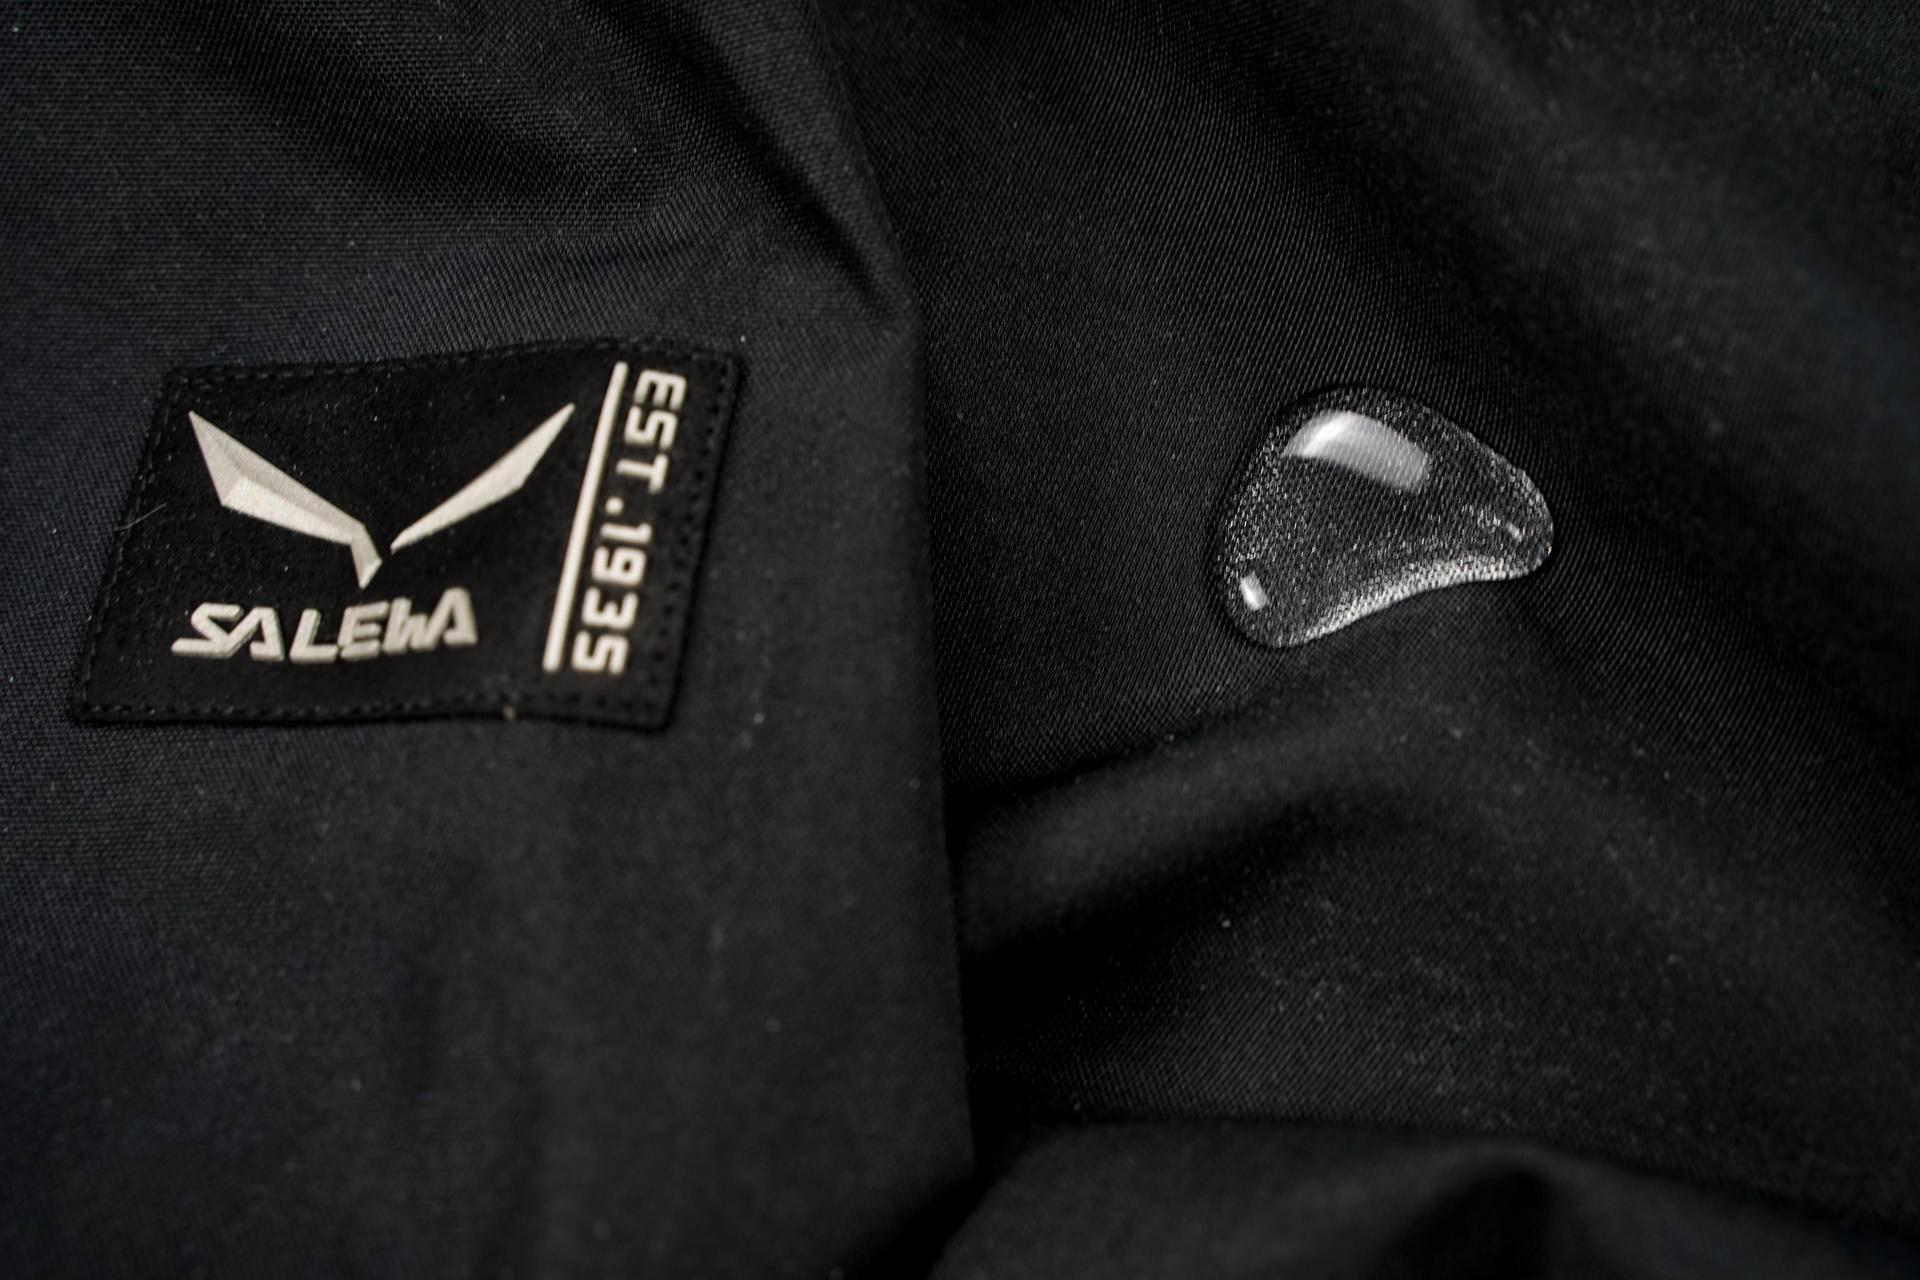 沙乐华抓绒冲锋衣——防水透湿,好看又舒适